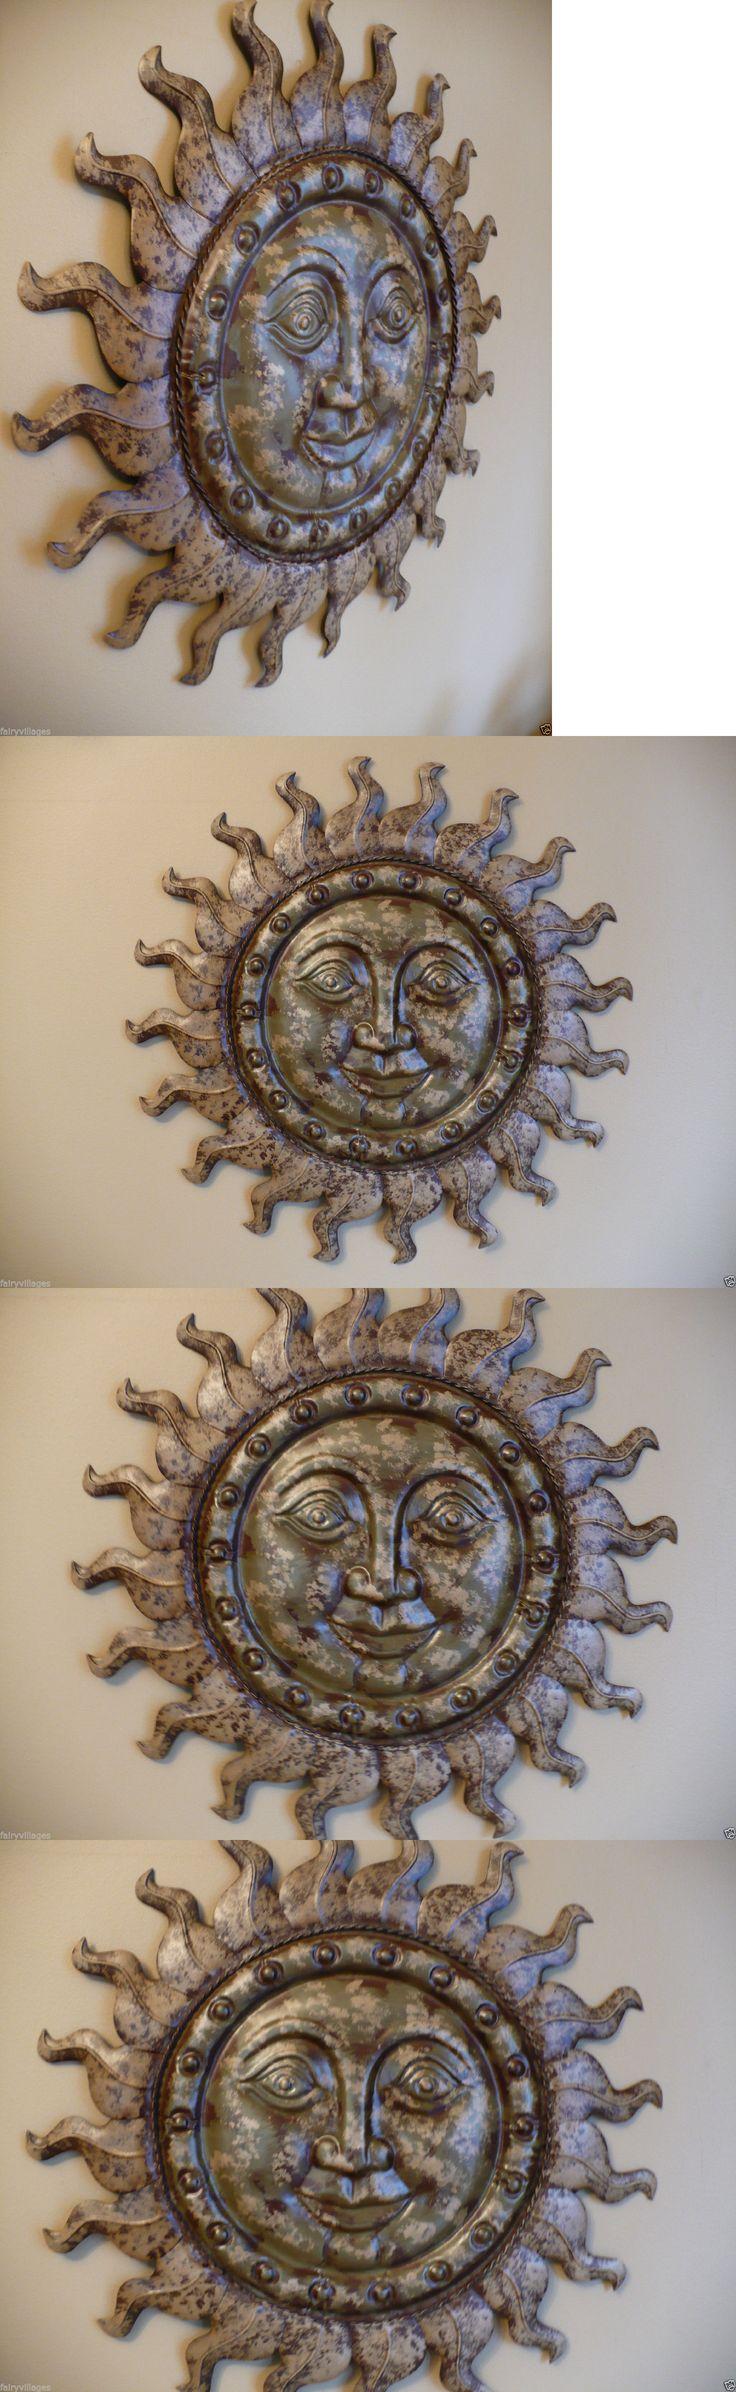 Garden wall plaque - Garden Plaques And Signs 75592 Metal Sun Face Wall Plaque Art 19 75 In Garden